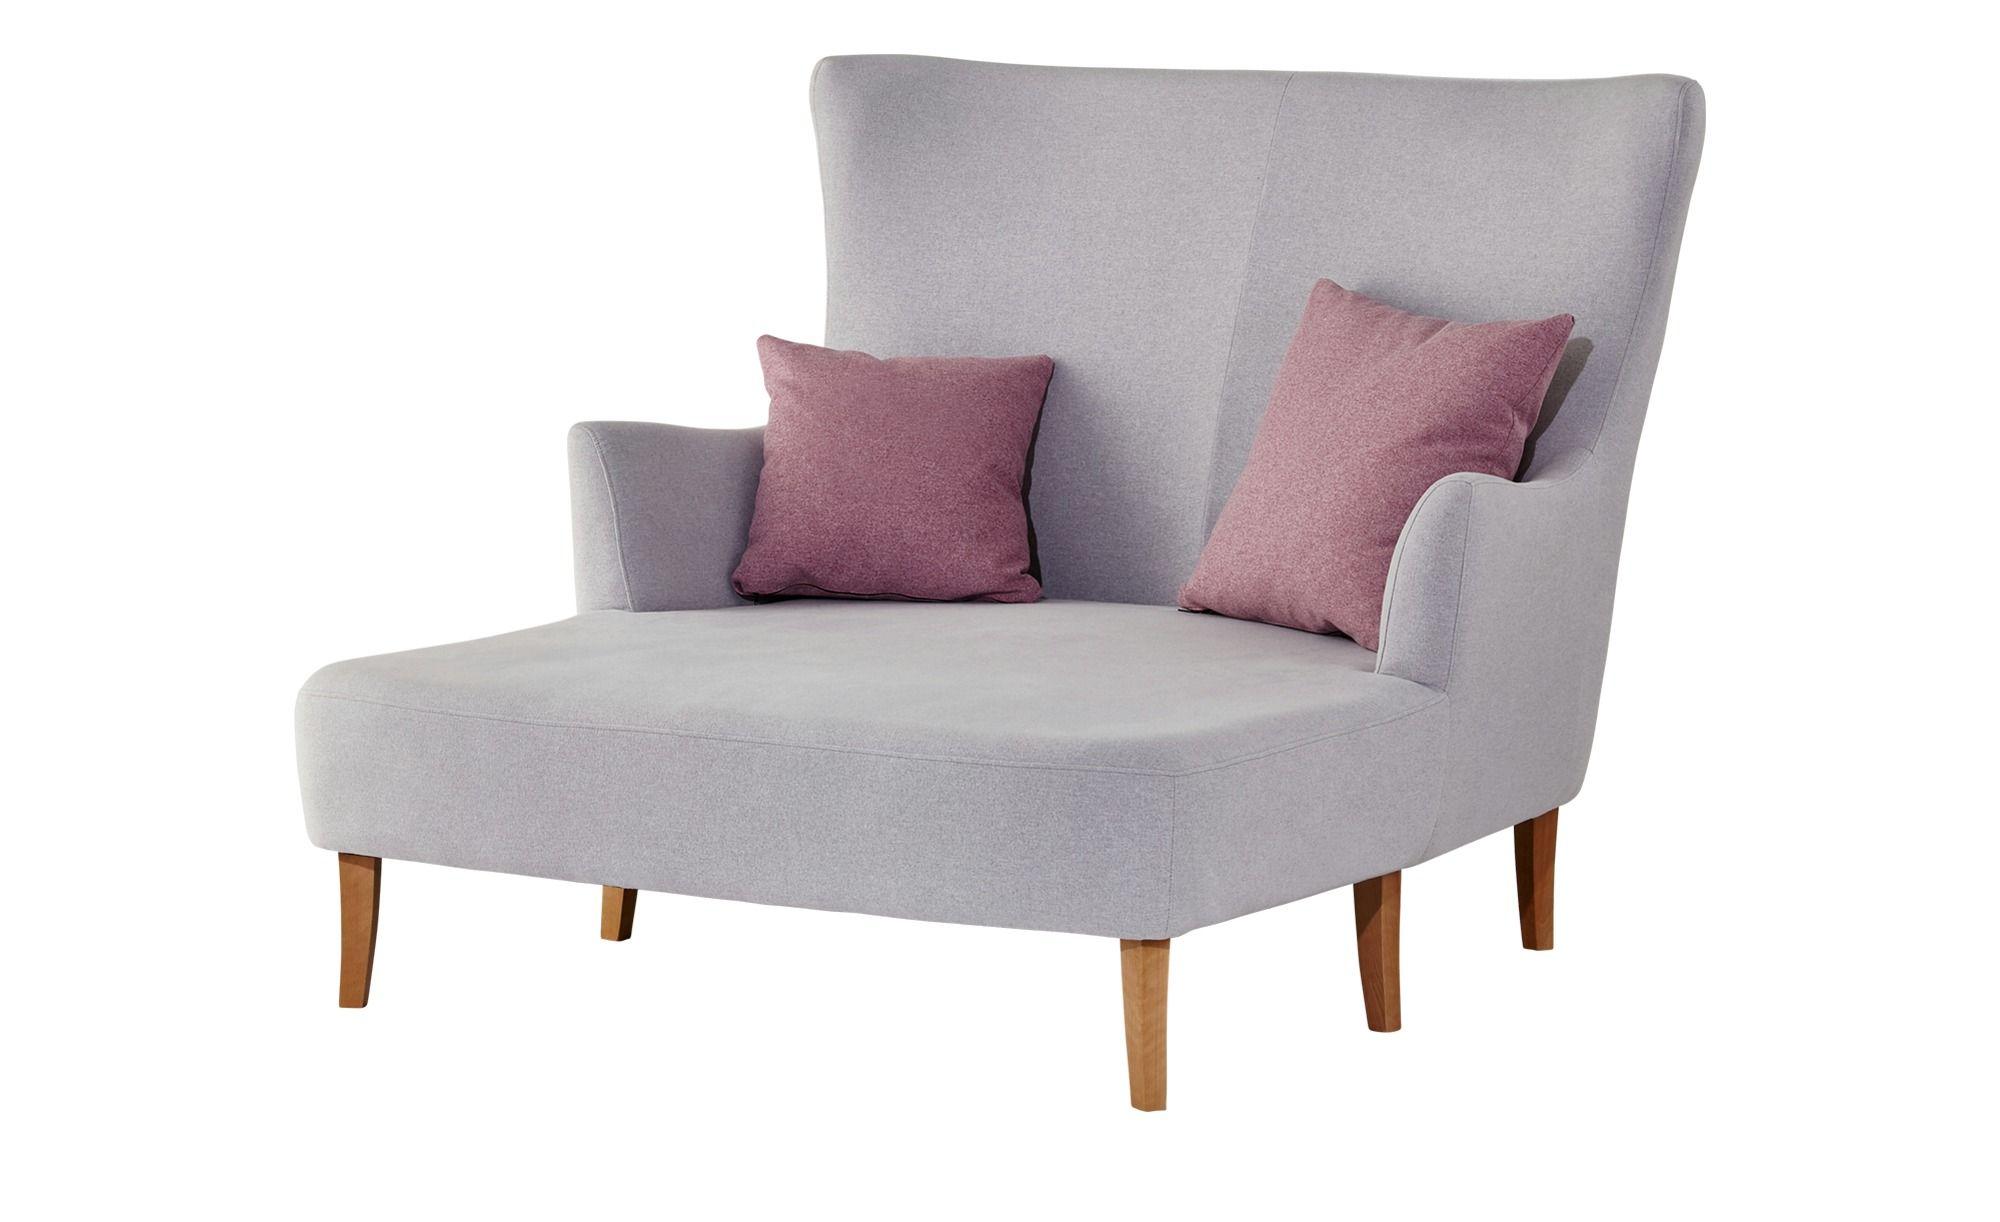 loveseat elissa hellgrau m bel h ffner home pinterest m bel m bel wohnzimmer und. Black Bedroom Furniture Sets. Home Design Ideas